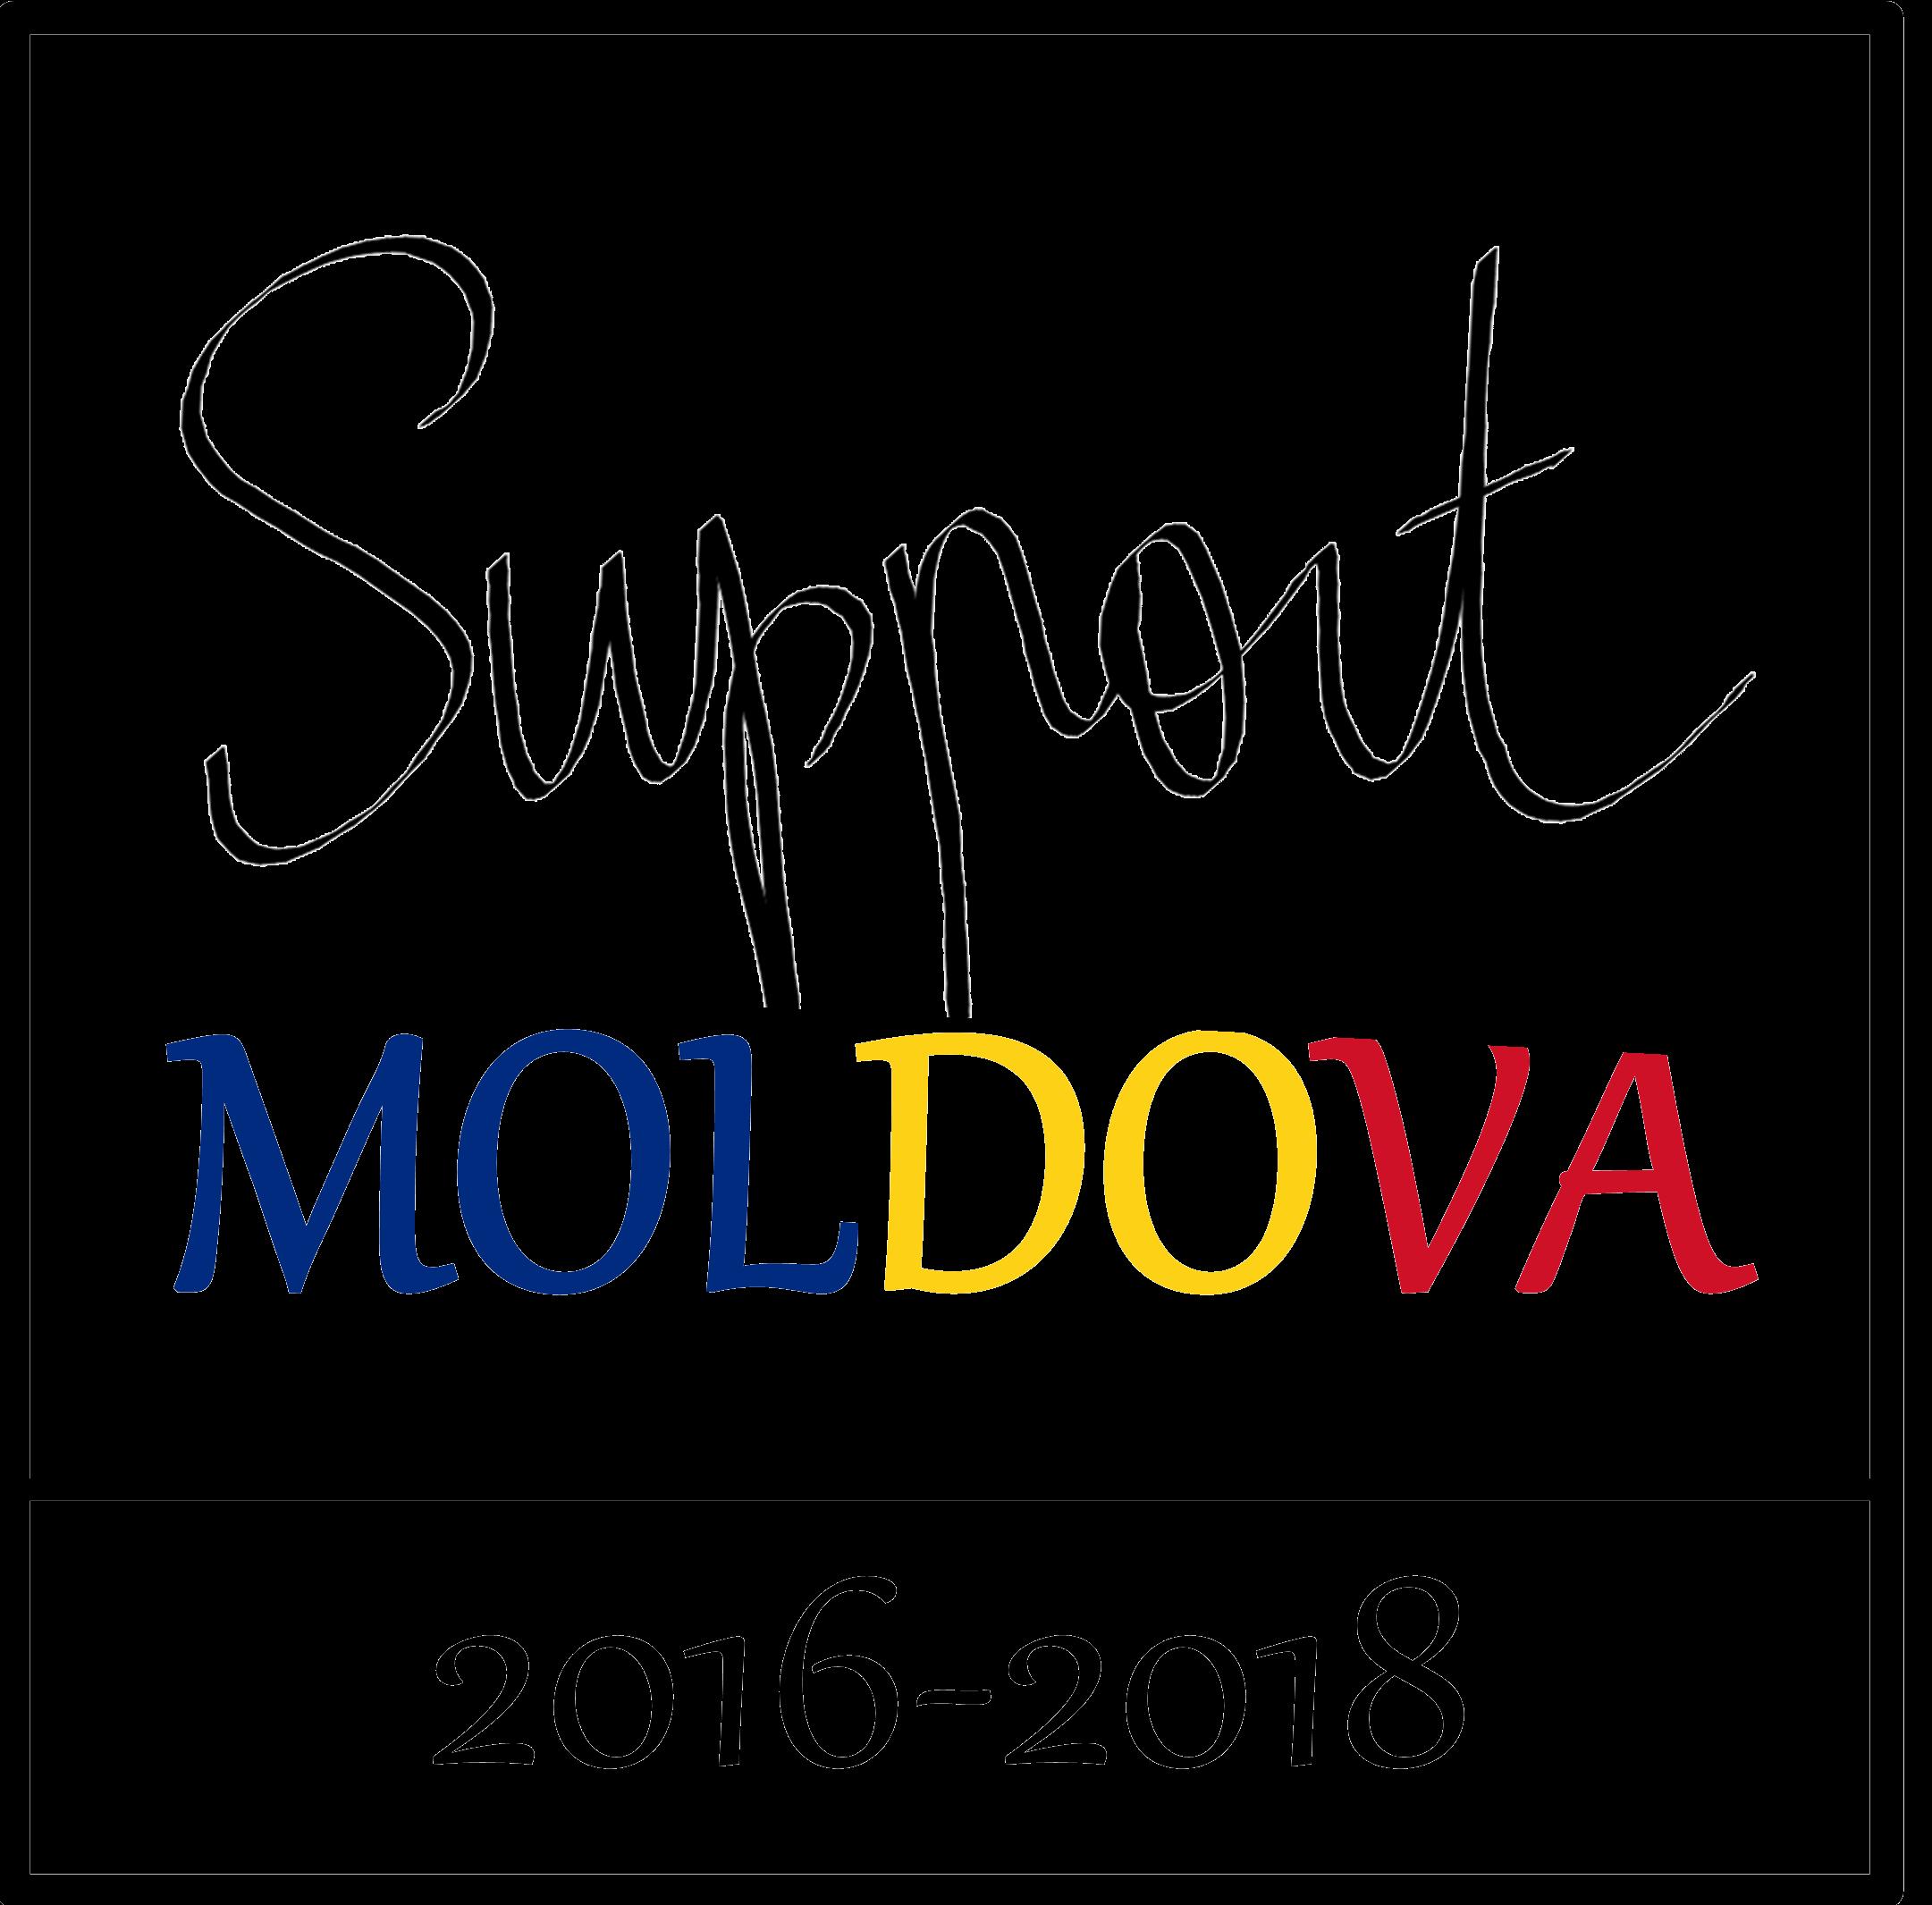 Support Moldova